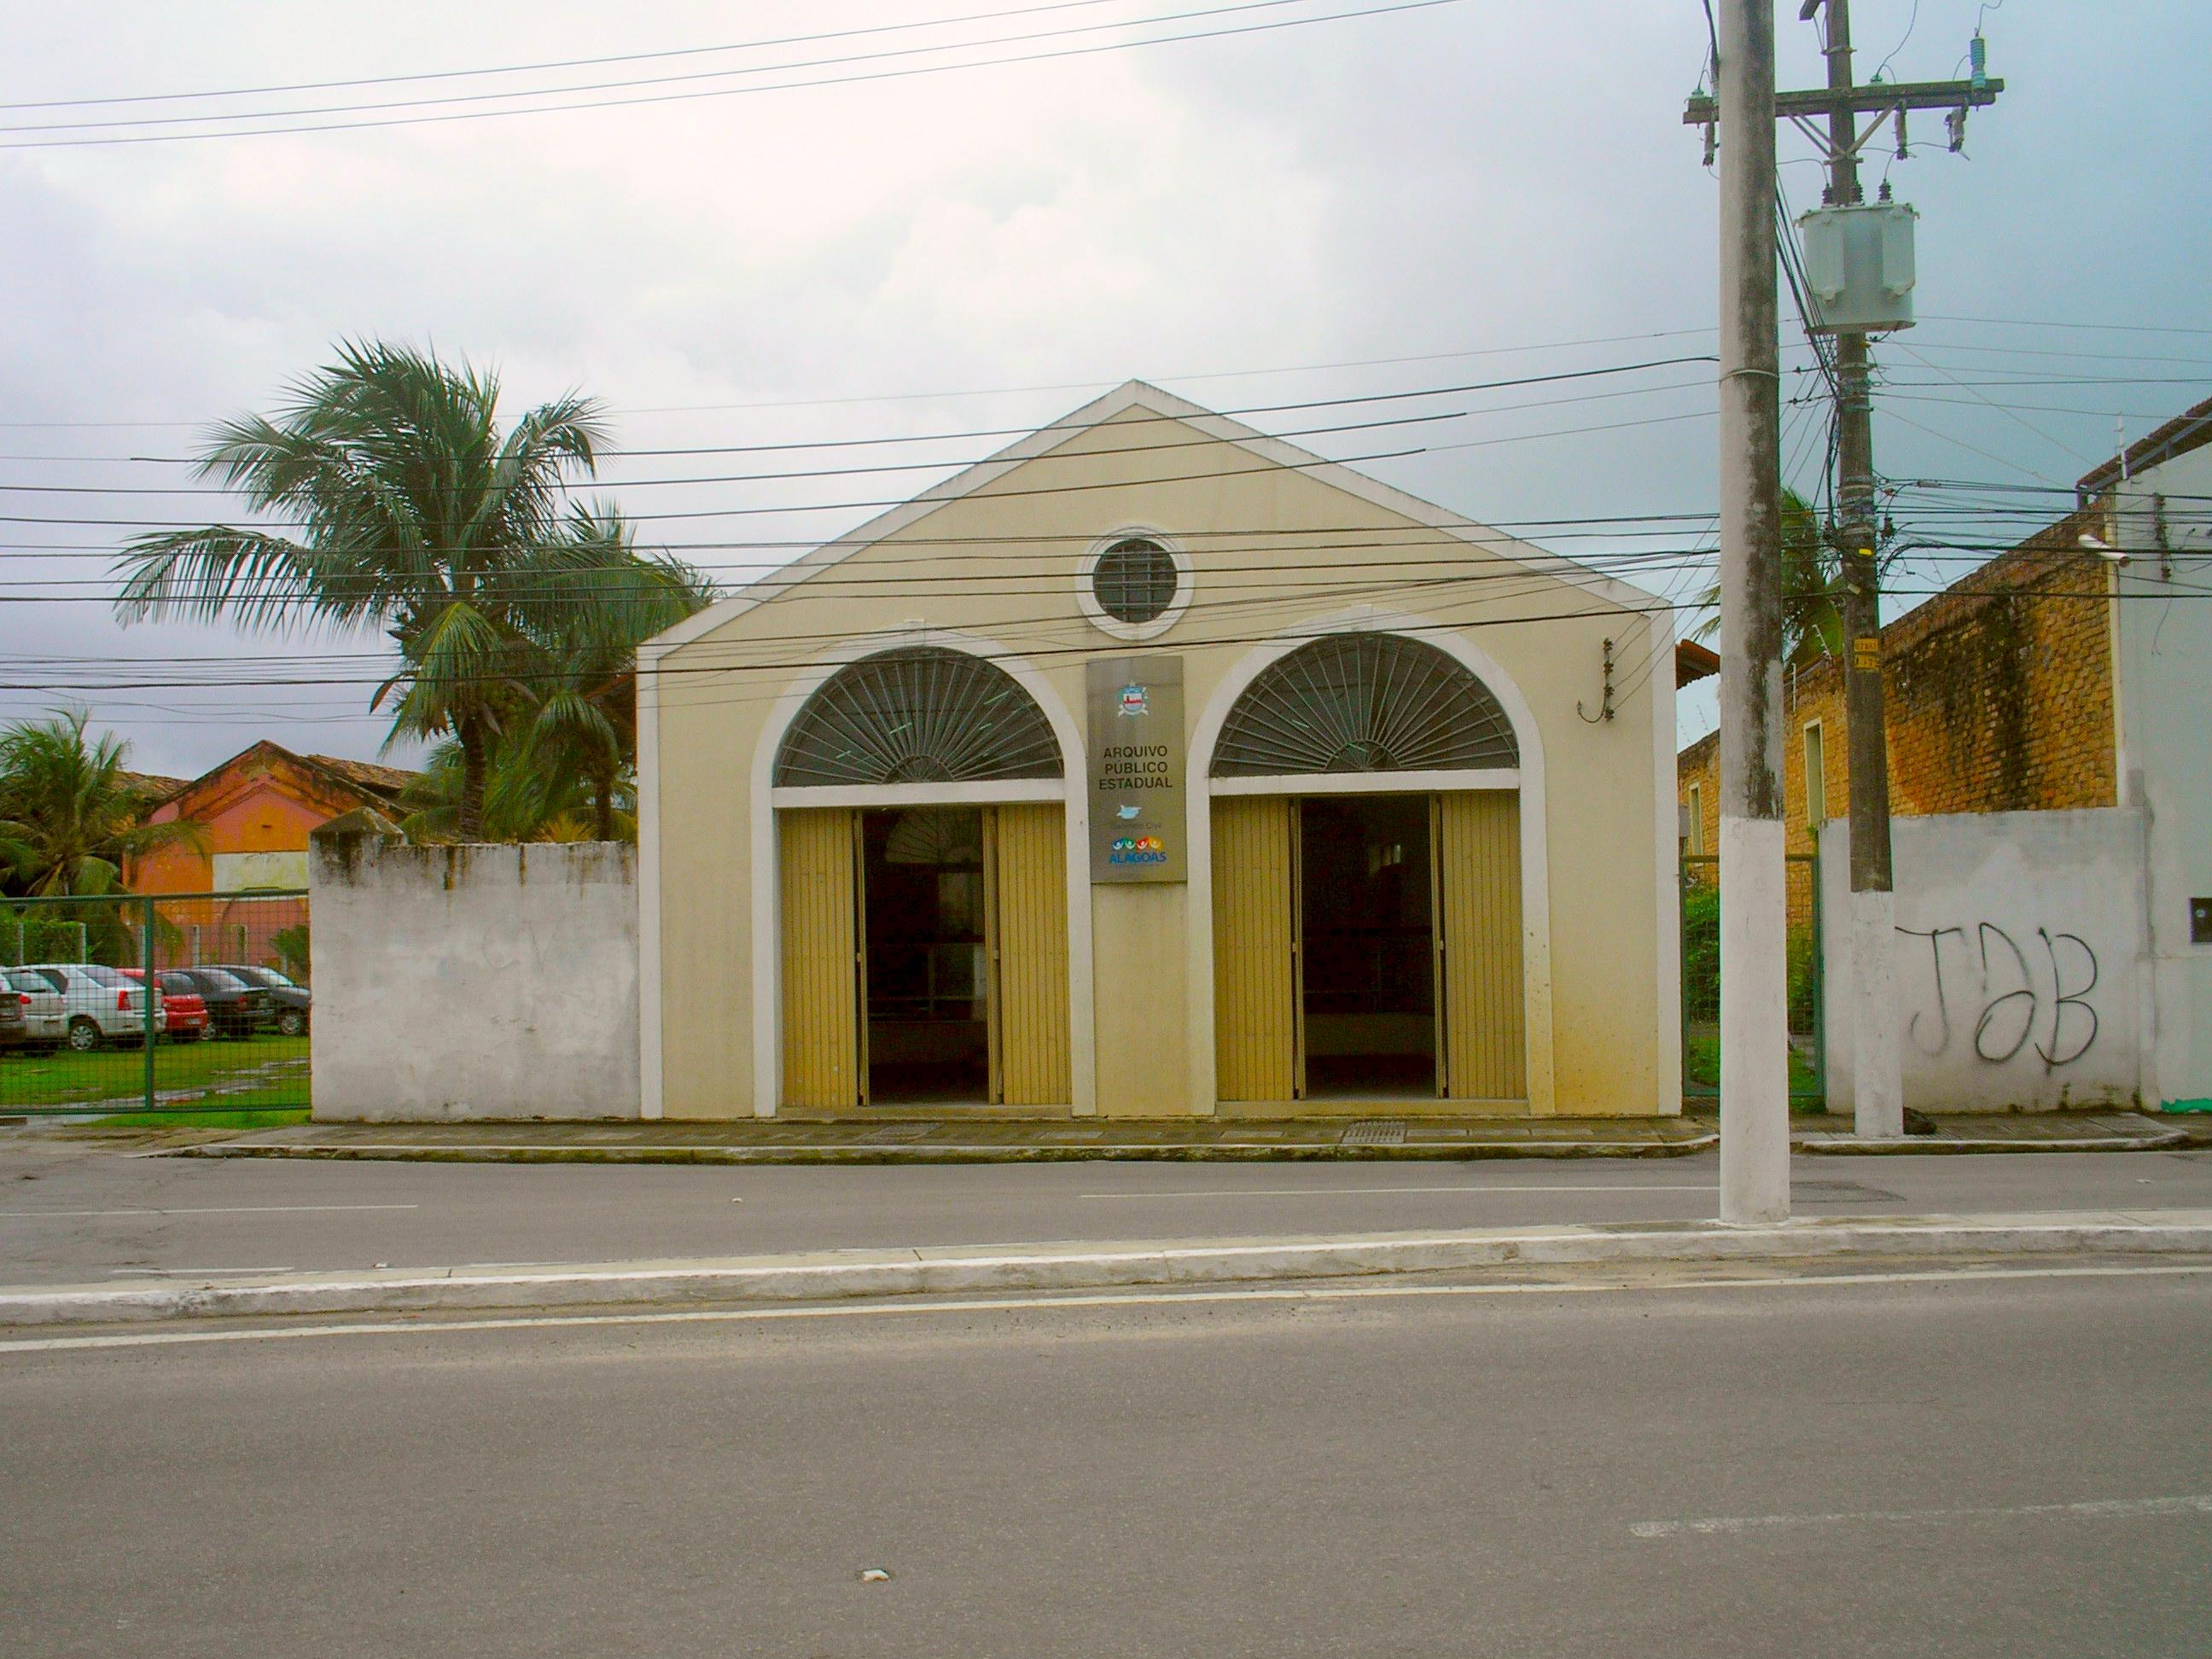 Fachada do Arquivo Público de Alagoas, no bairro de Jaraguá - Maceió